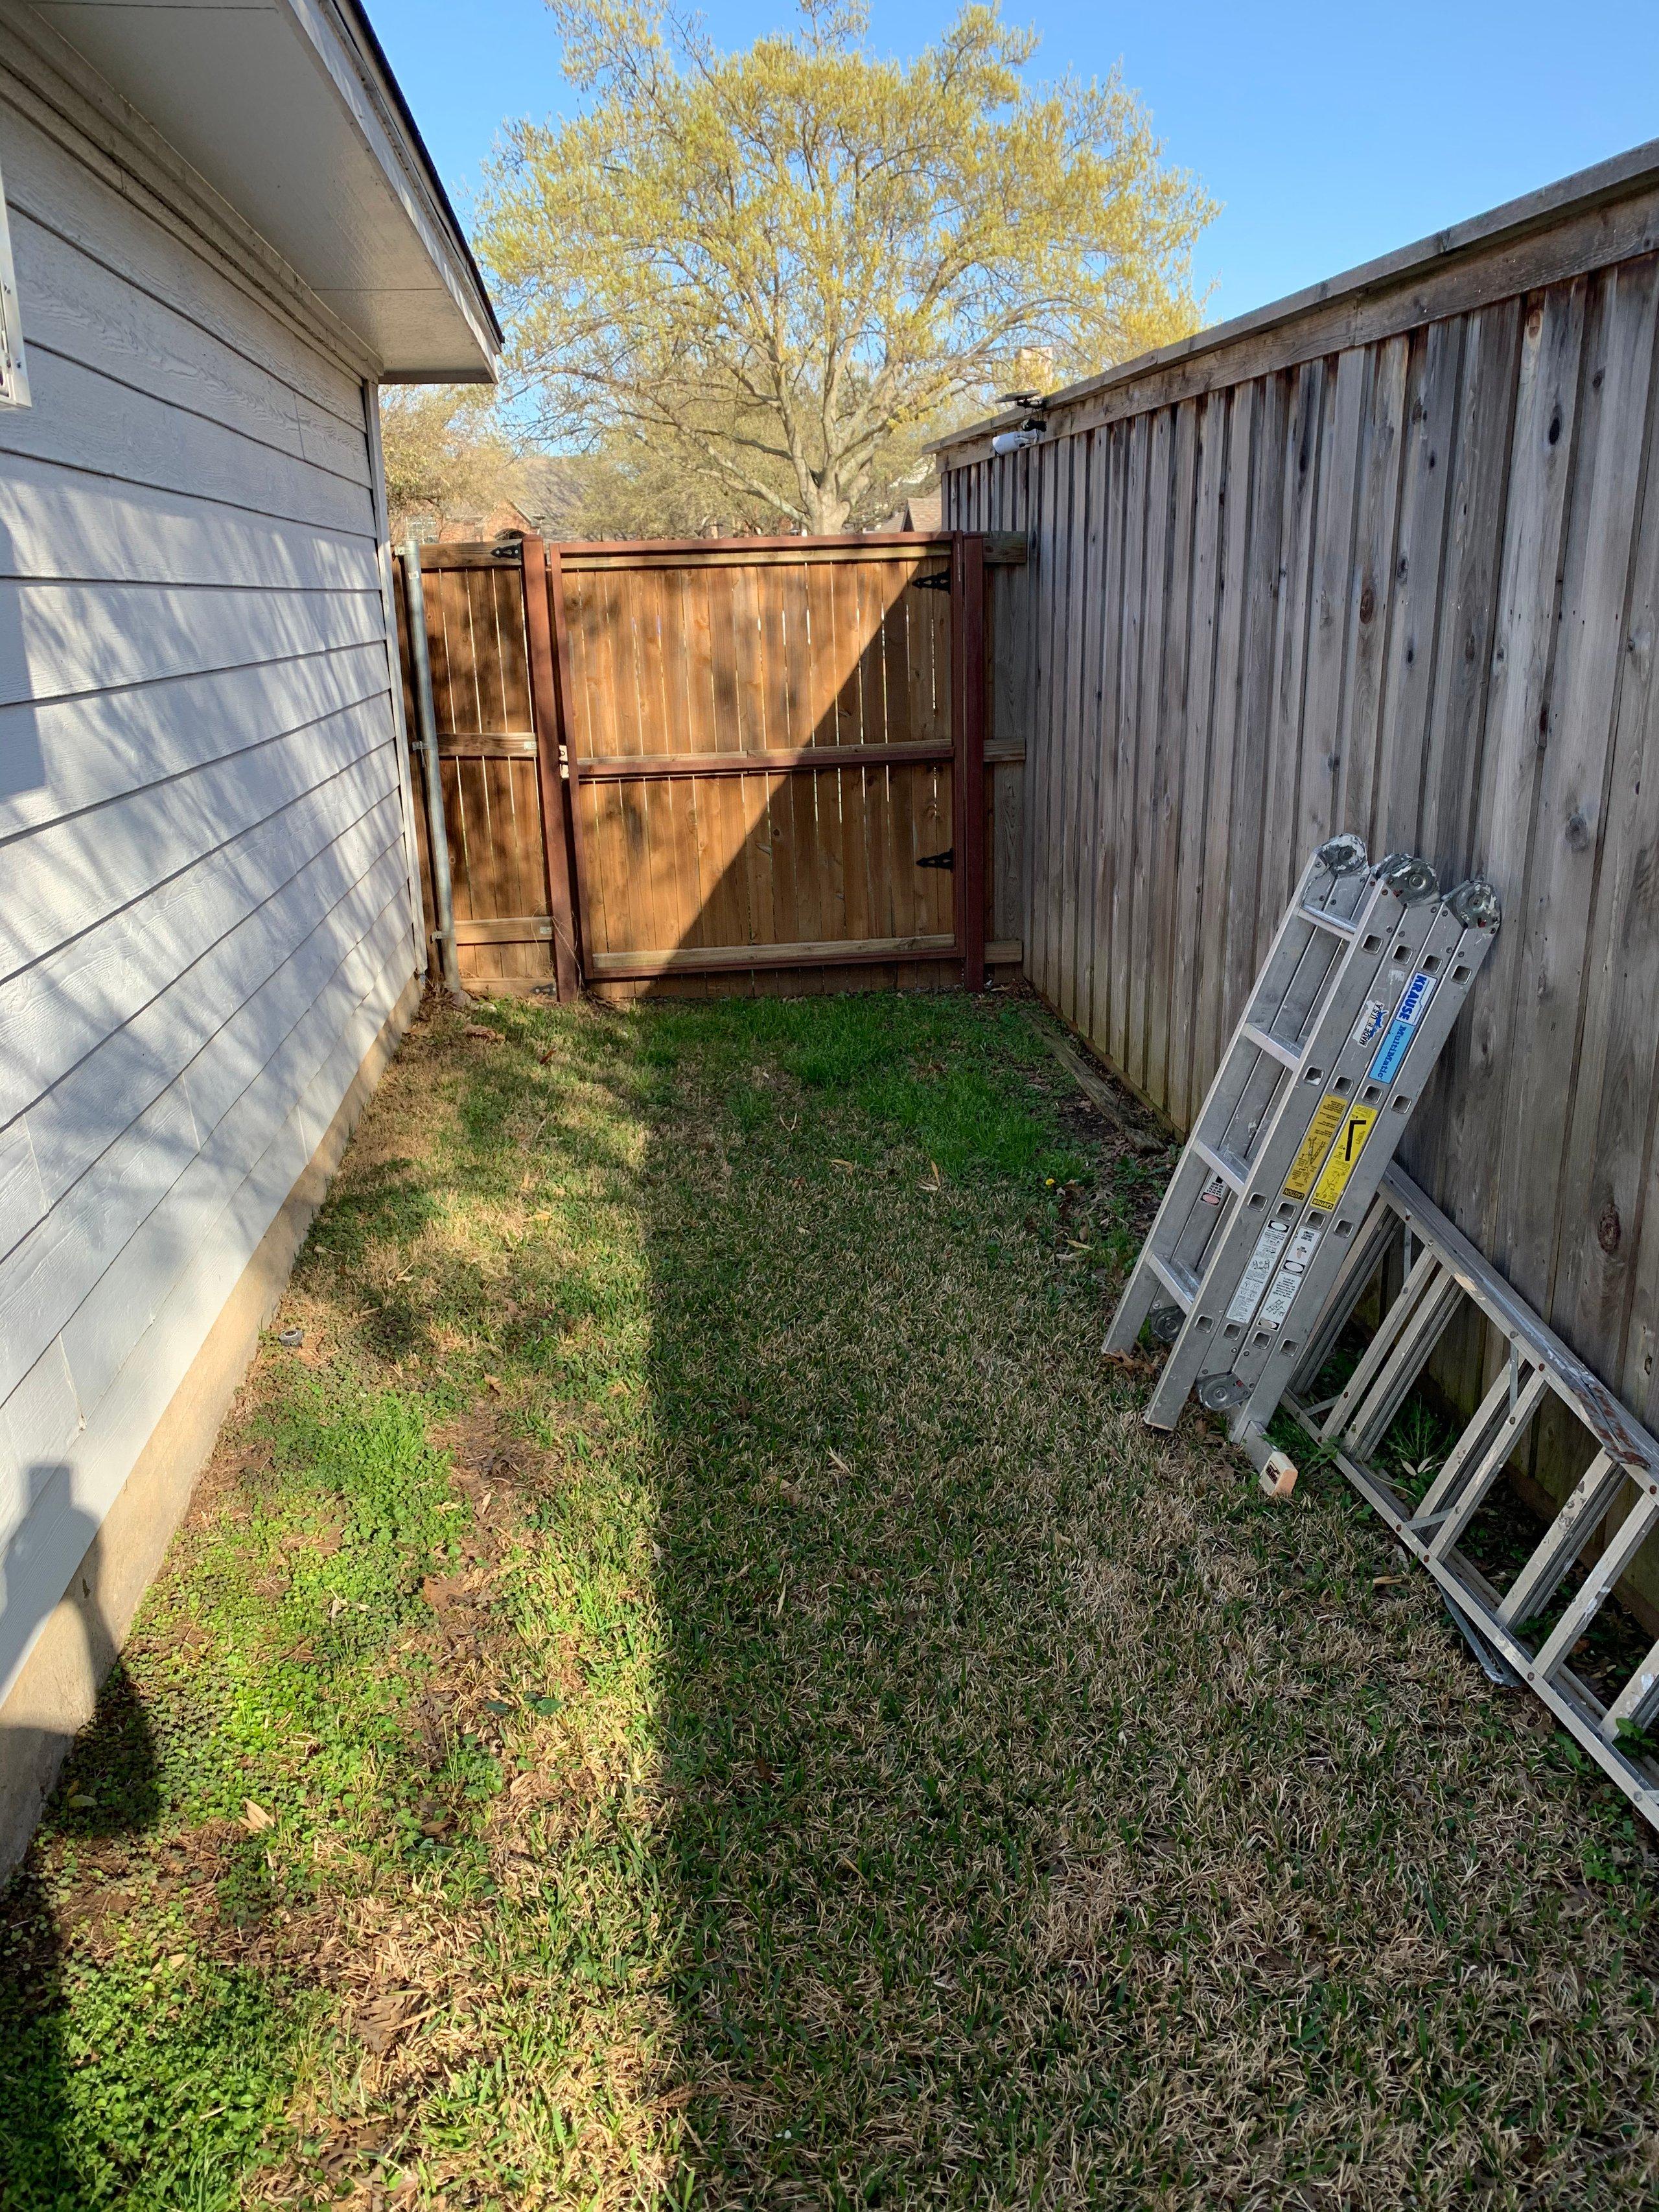 10x5 5' X 10' in the backyard  self storage unit